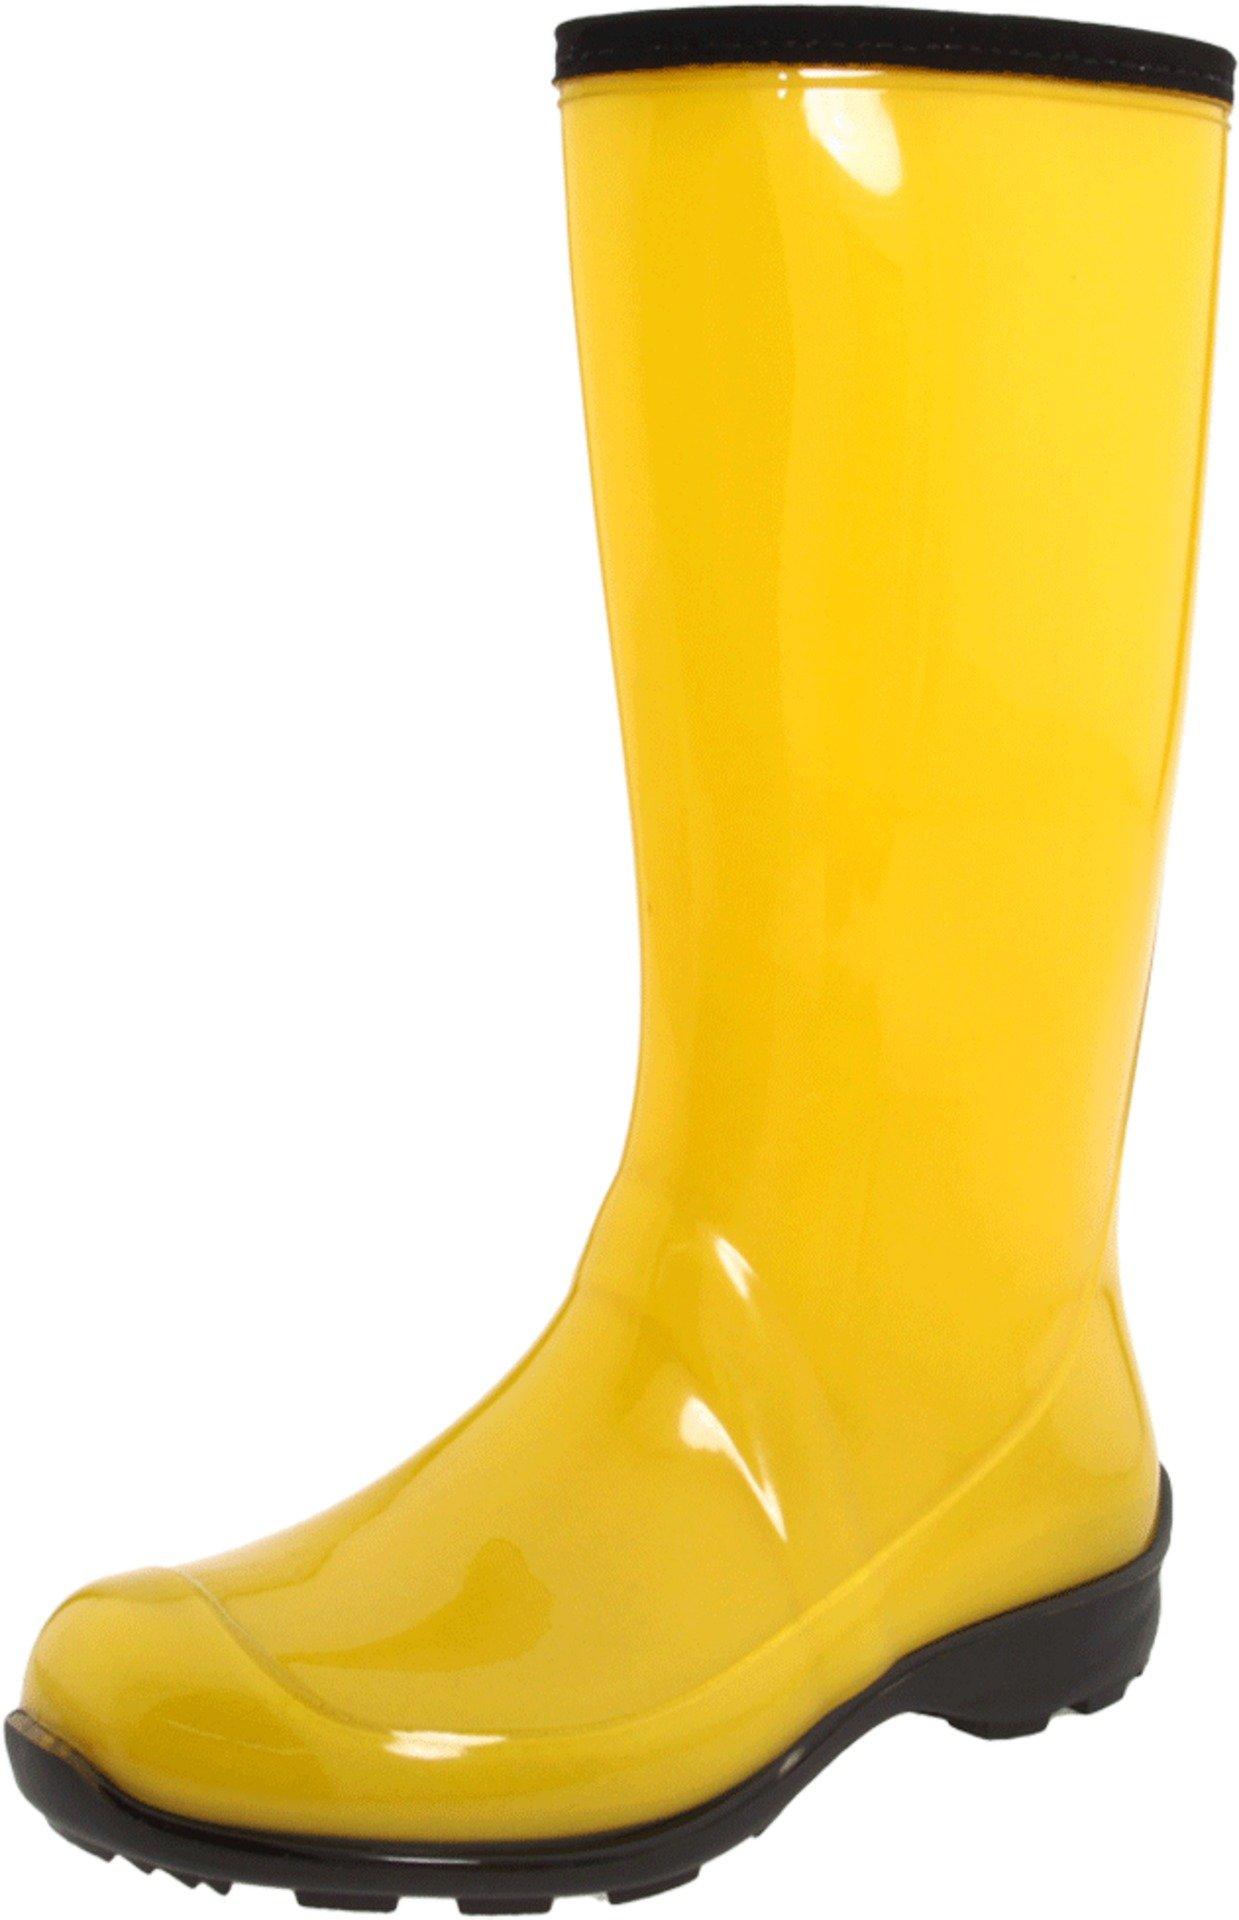 Kamik Women's Heidi Rain Boot,Yellow,7 M US